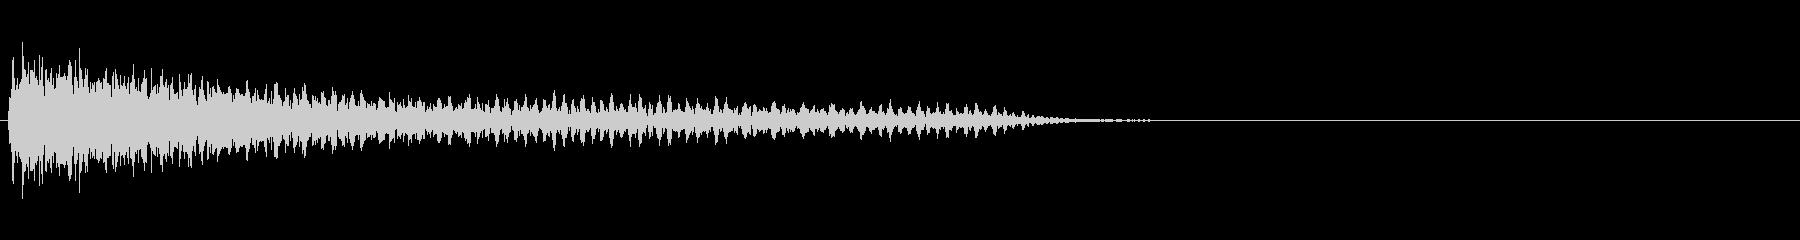 ガーン(ガッカリした時の音)の未再生の波形